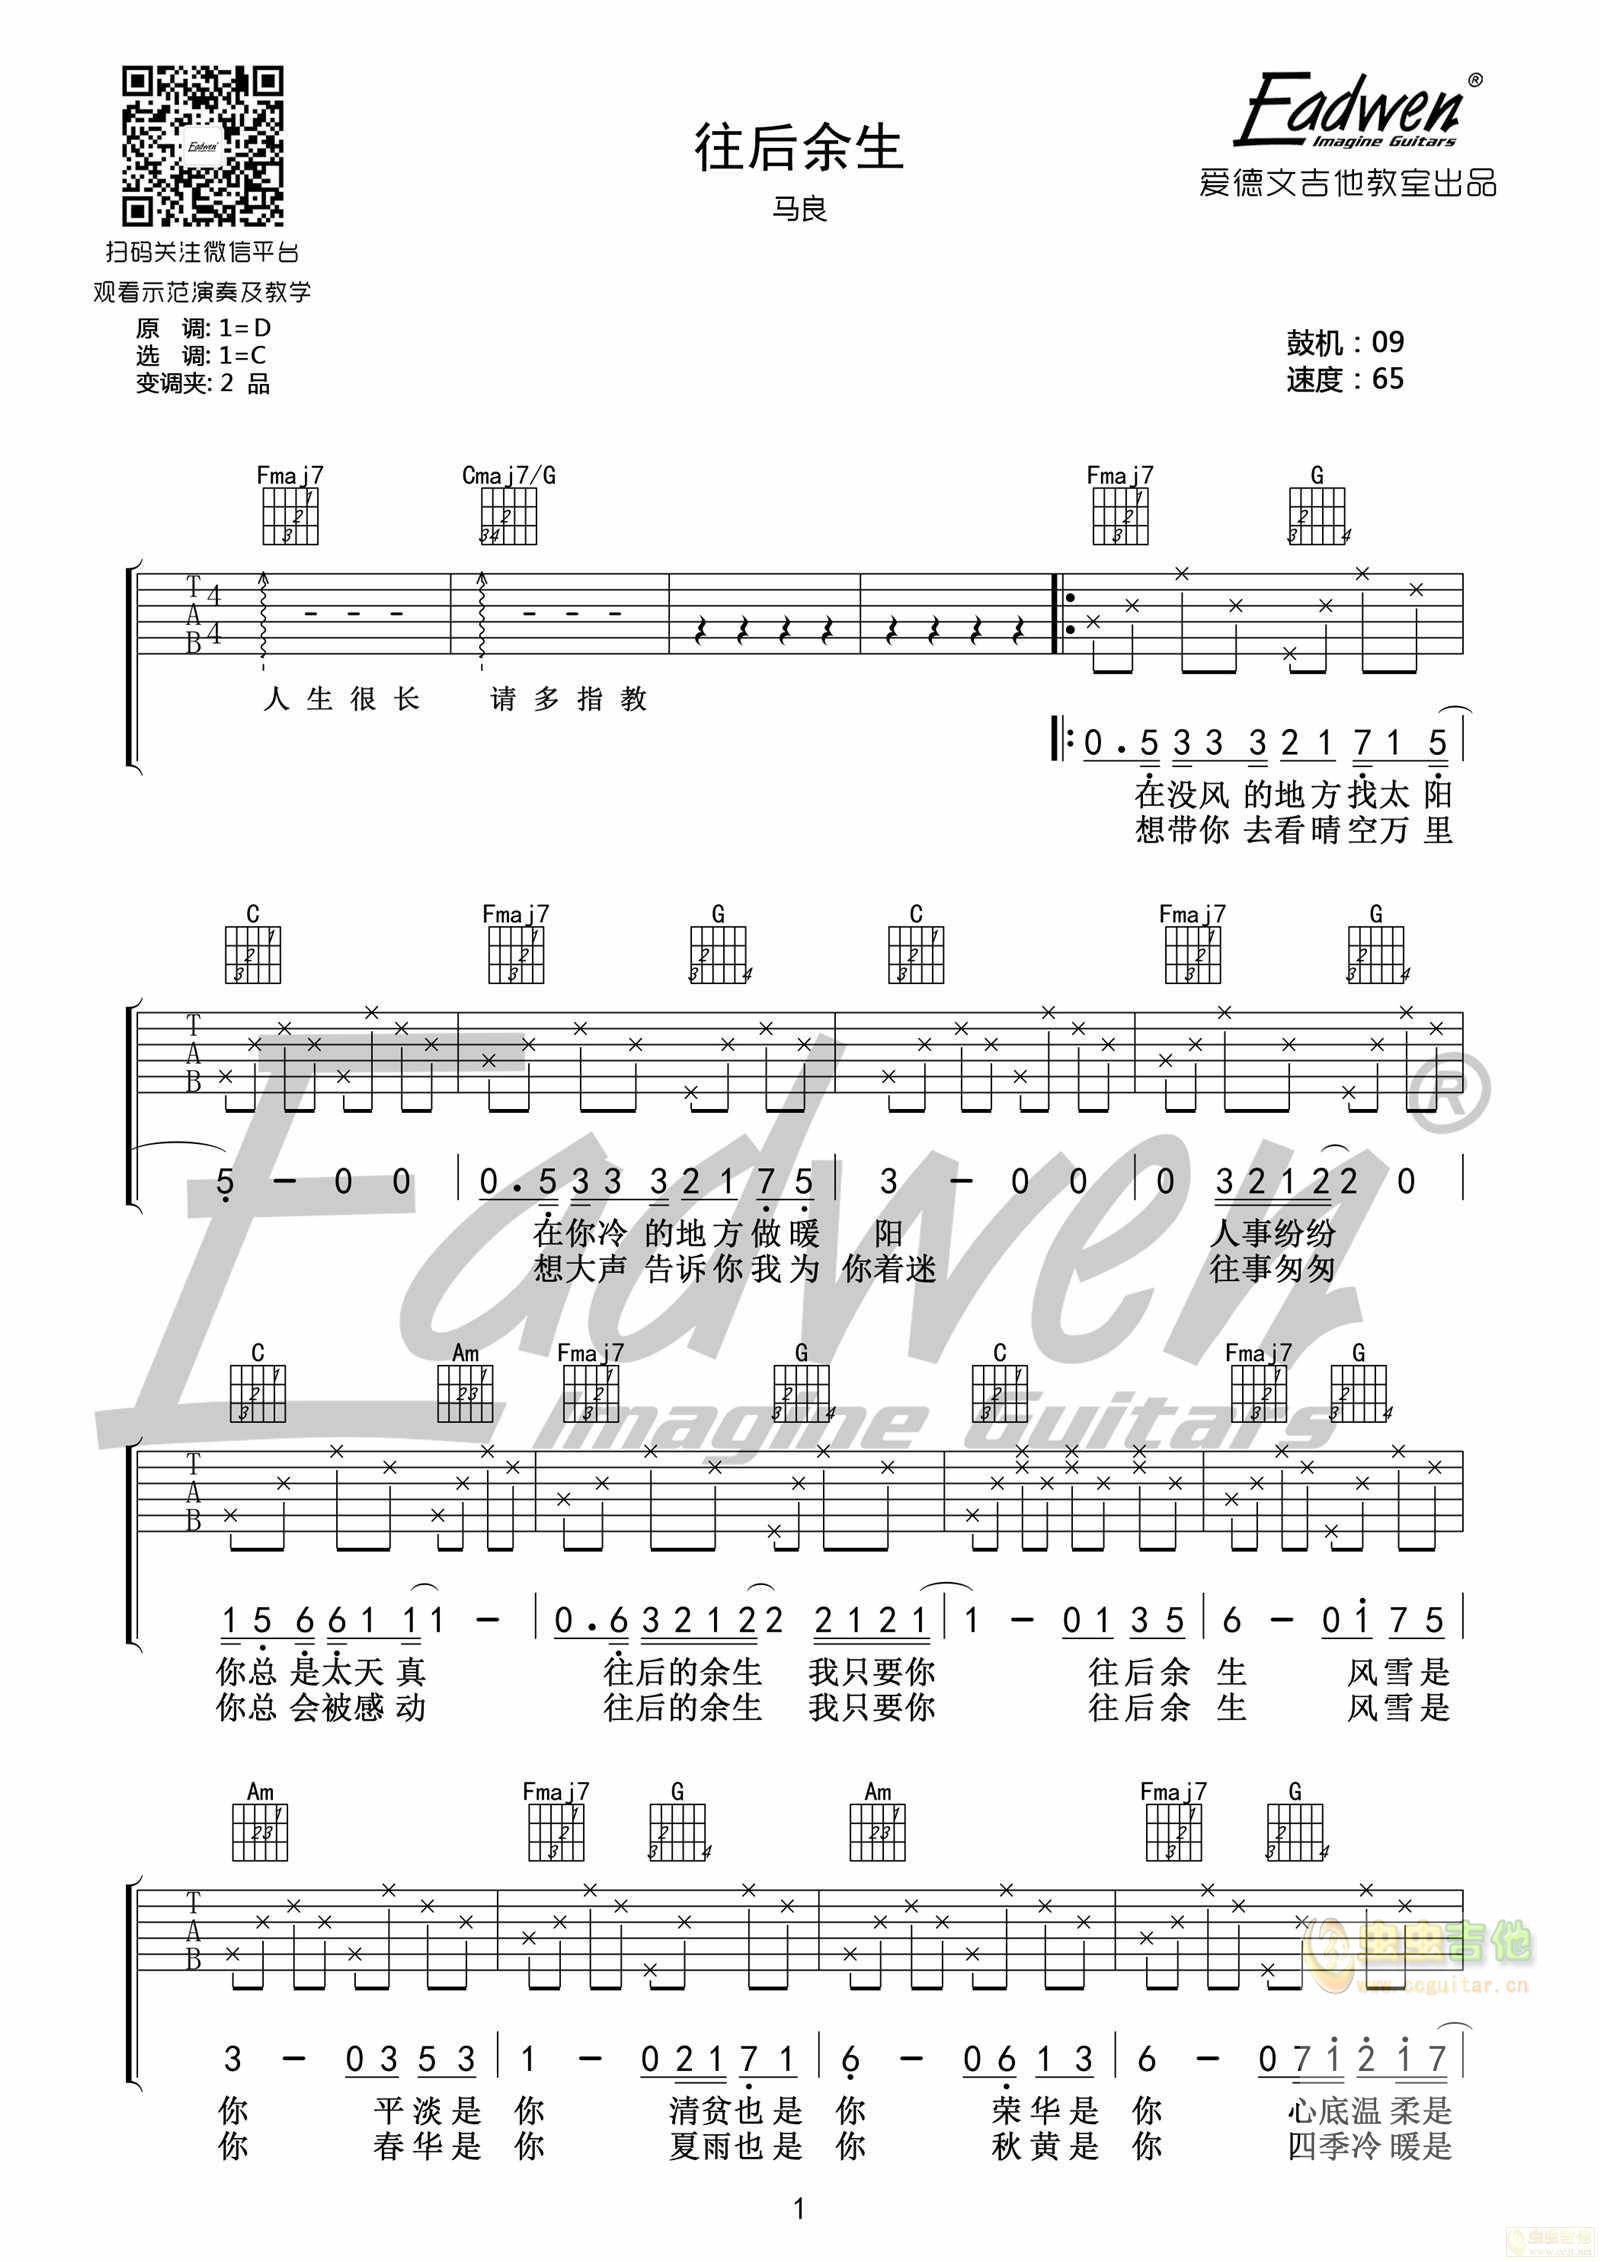 马良原版 往后余生 爱德文吉他教室C调六线吉他谱 虫虫吉他谱免费下载